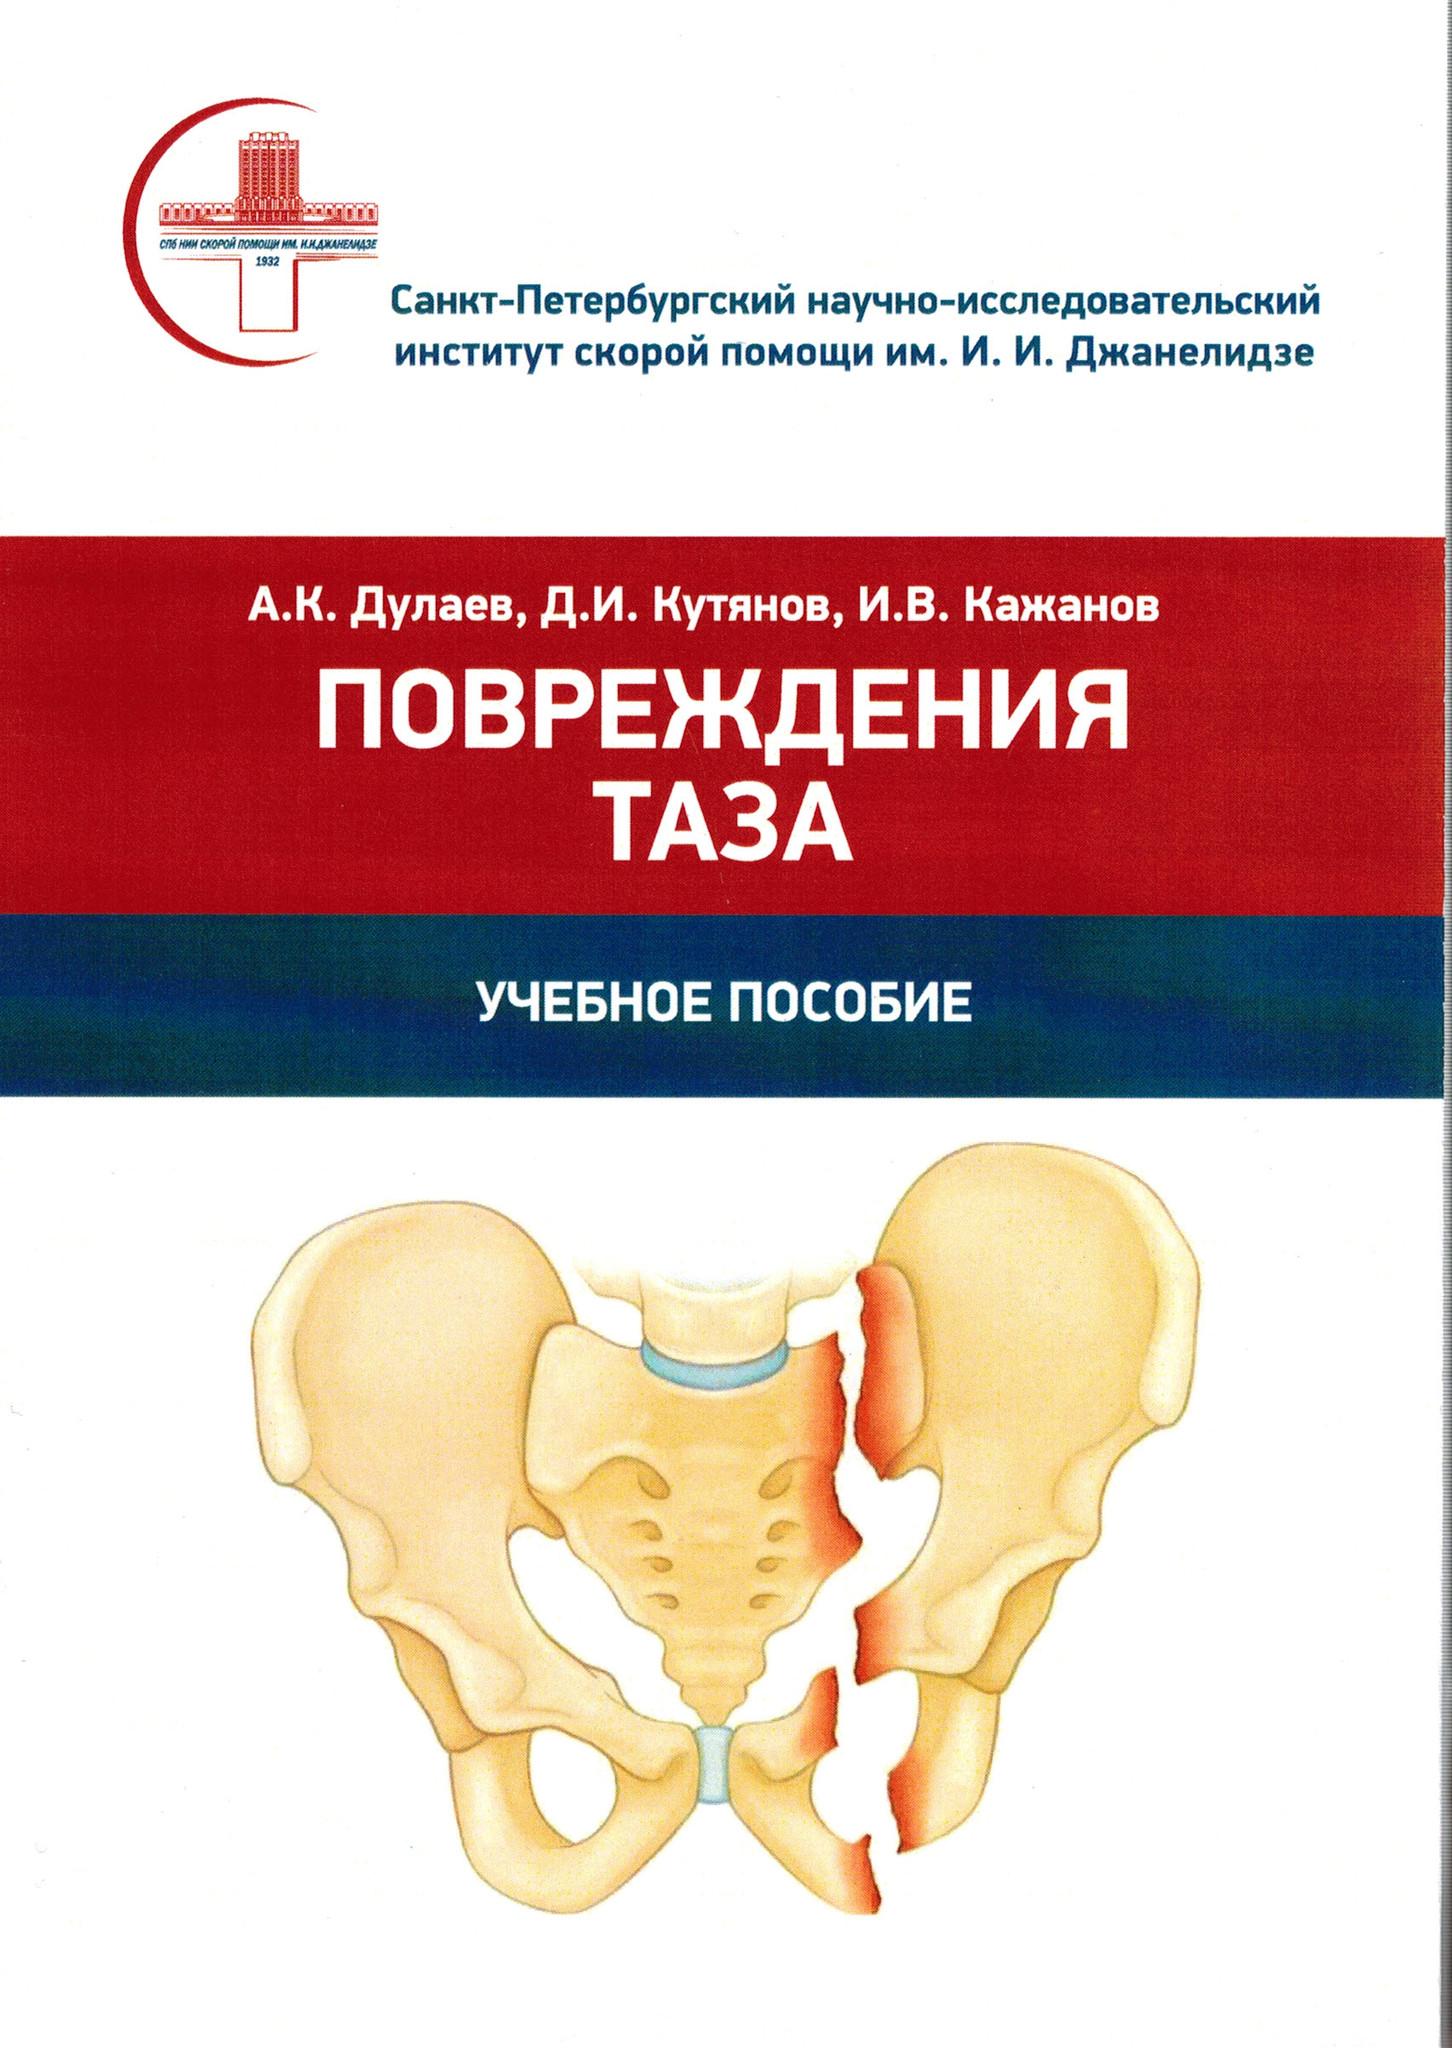 Каталог Повреждения таза tt1.jpg